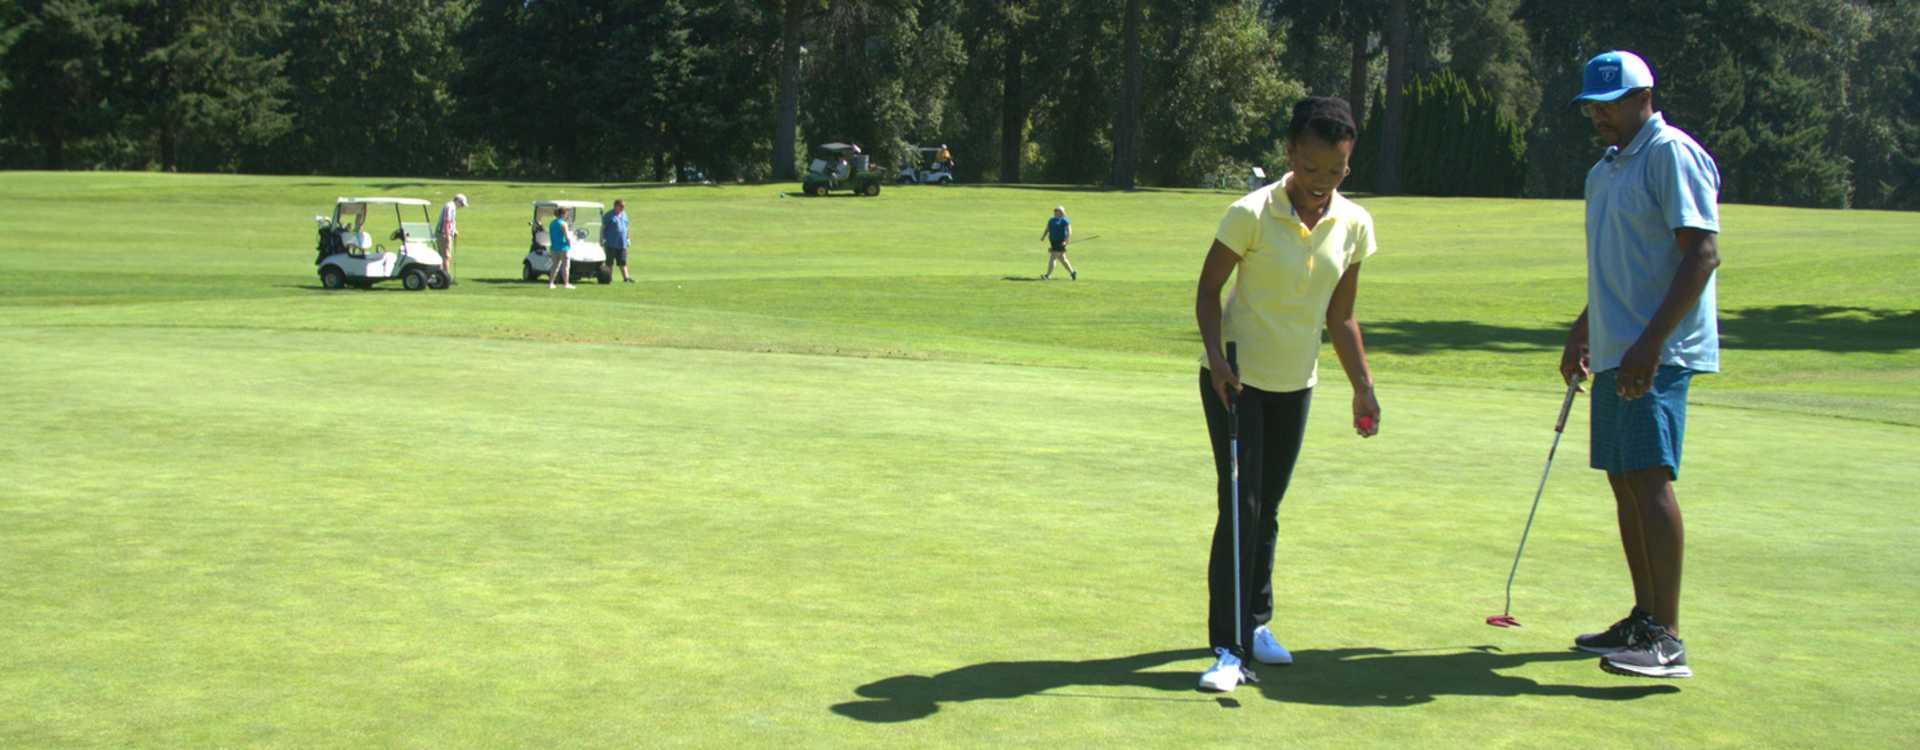 Foster Golf Links in Tukwila